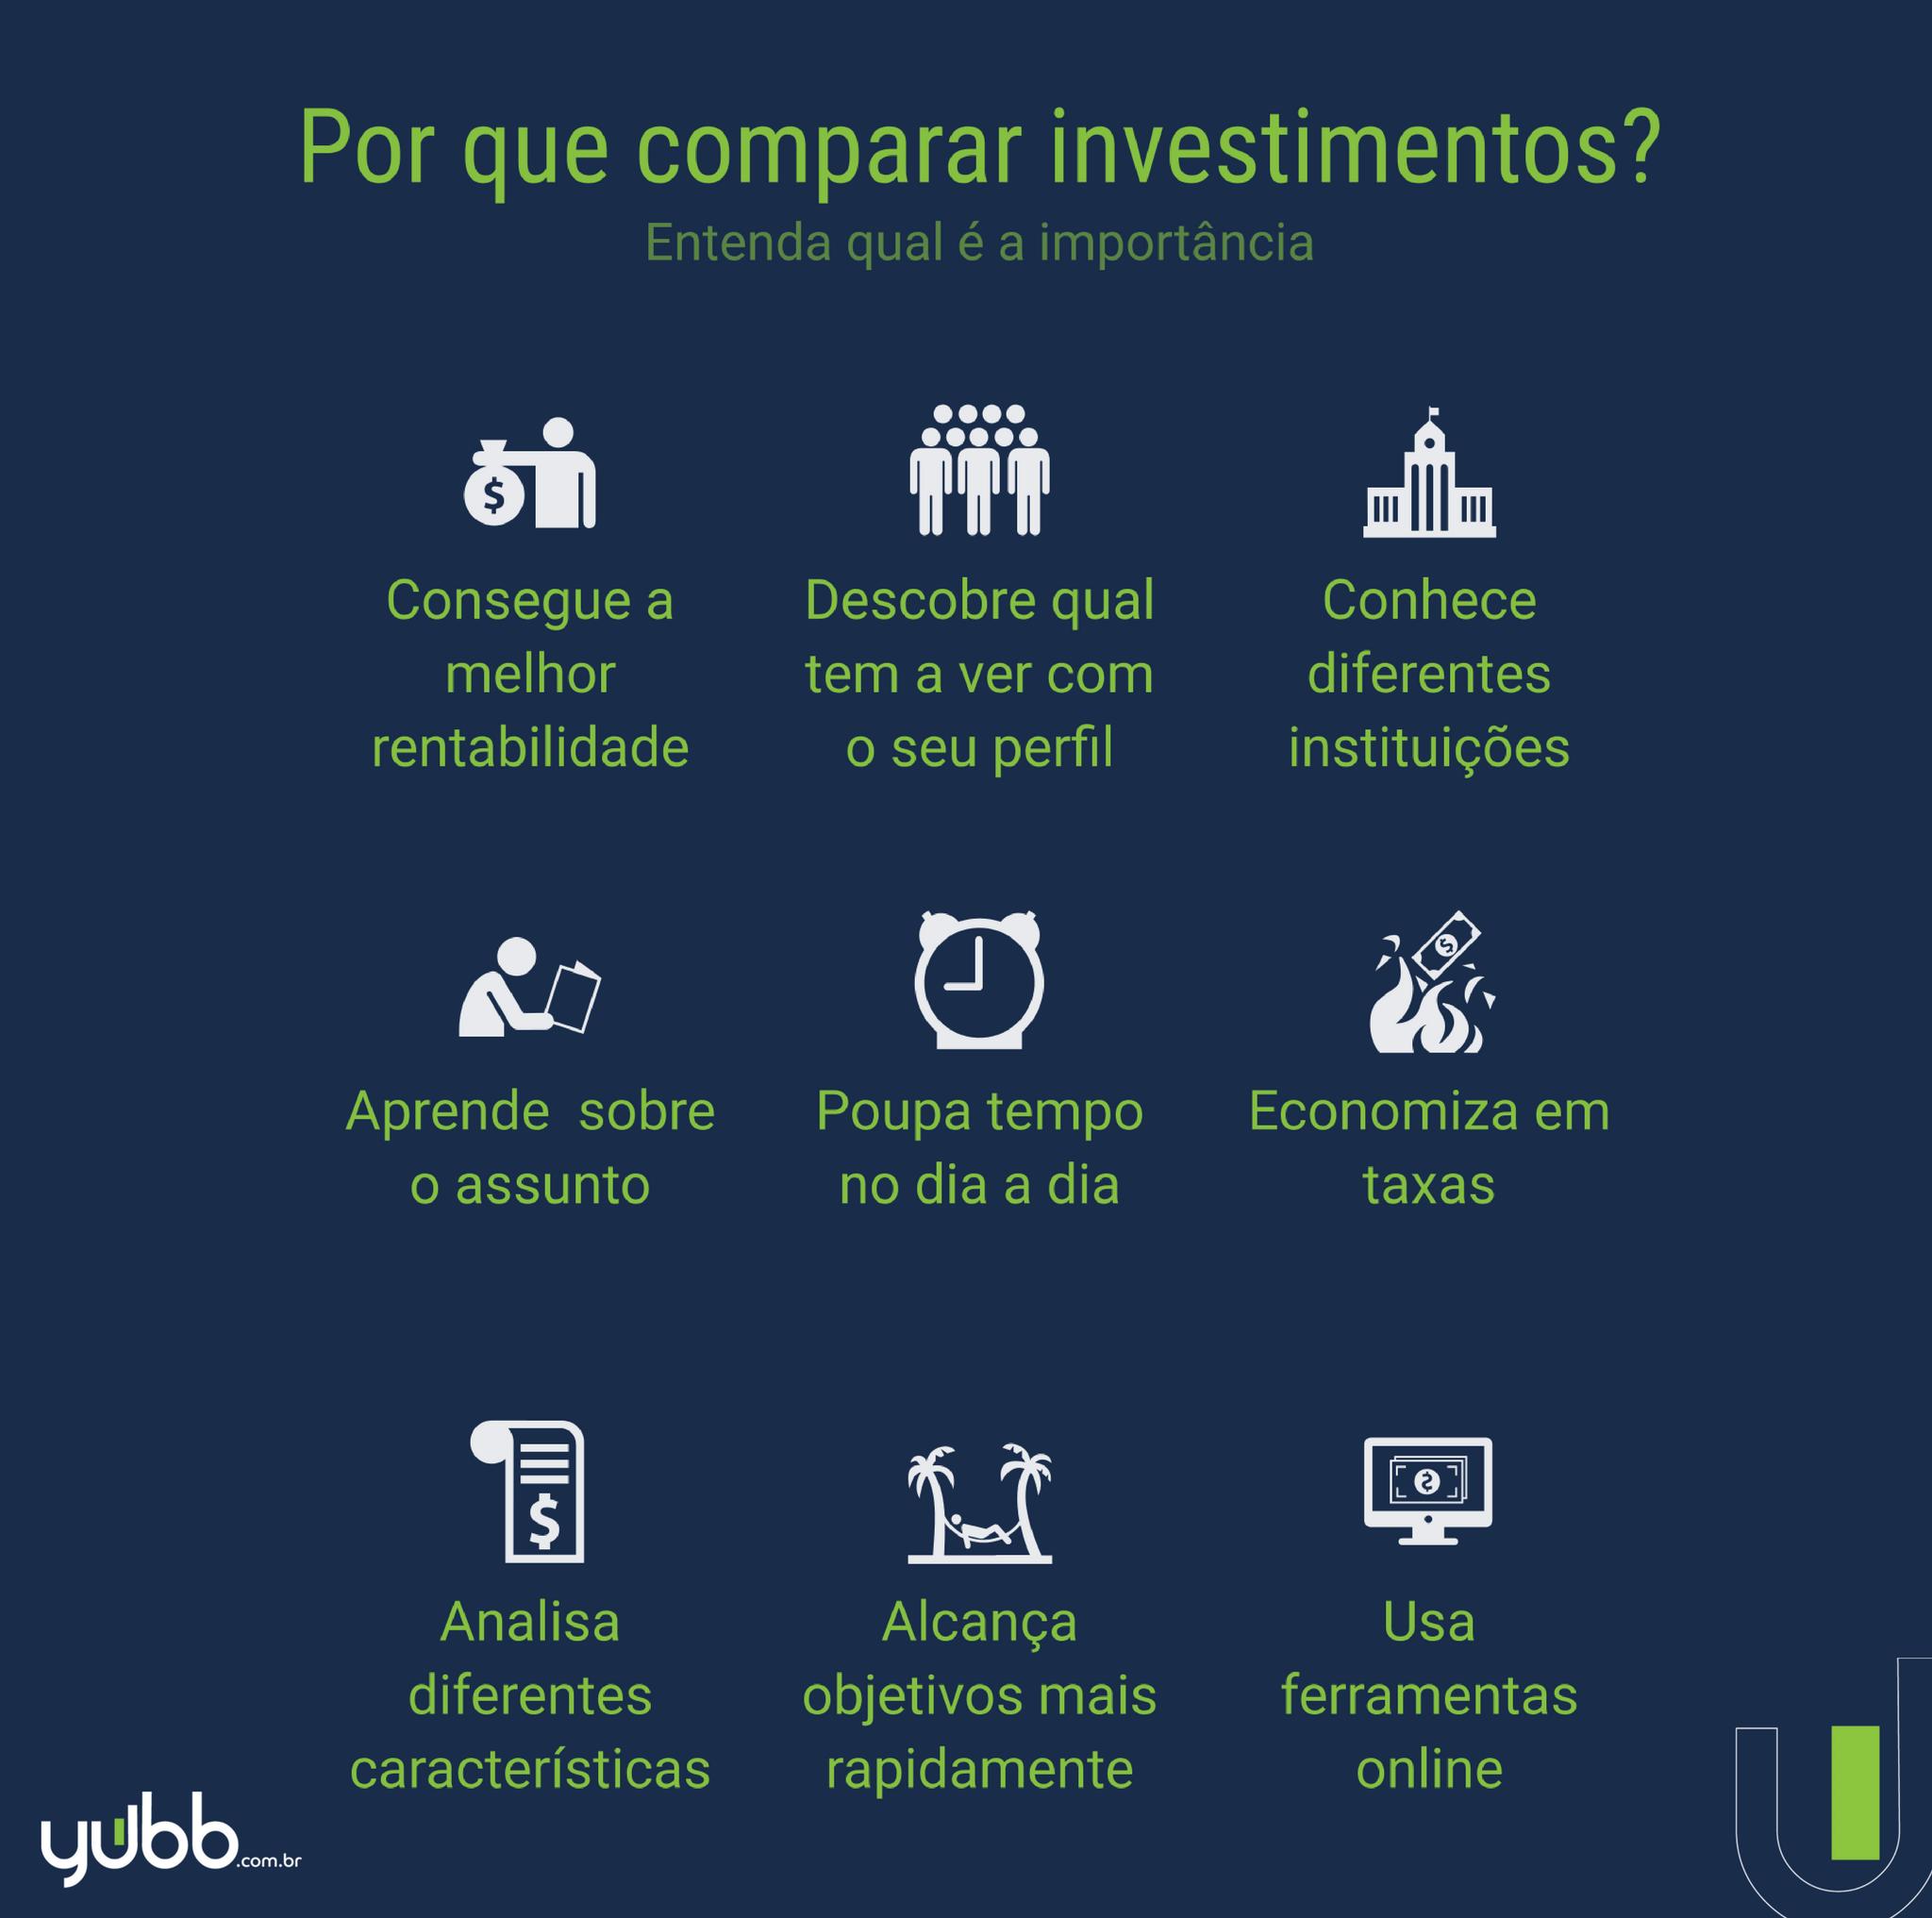 comparar investimentos